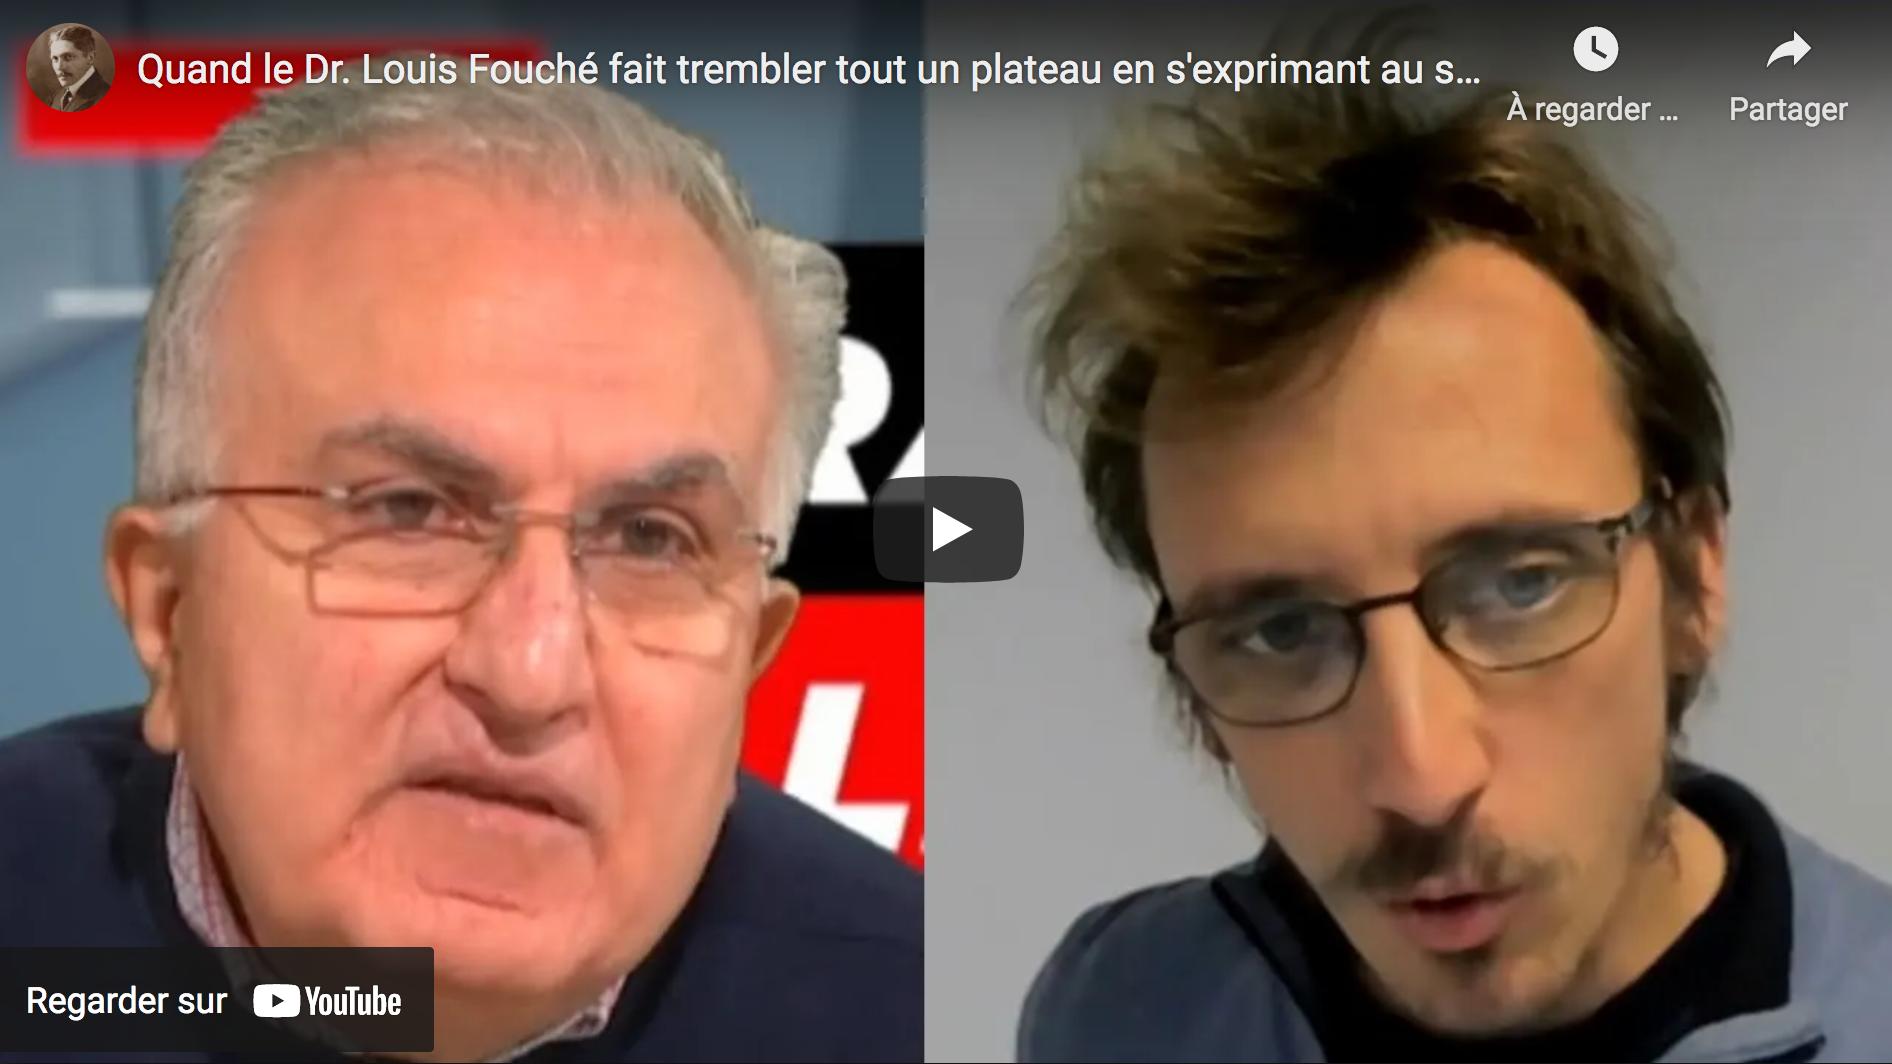 """Quand le Dr Louis Fouché fait trembler tout un plateau en s'exprimant au sujet de la """"vaccination"""" à ARN messager (VIDÉO)"""